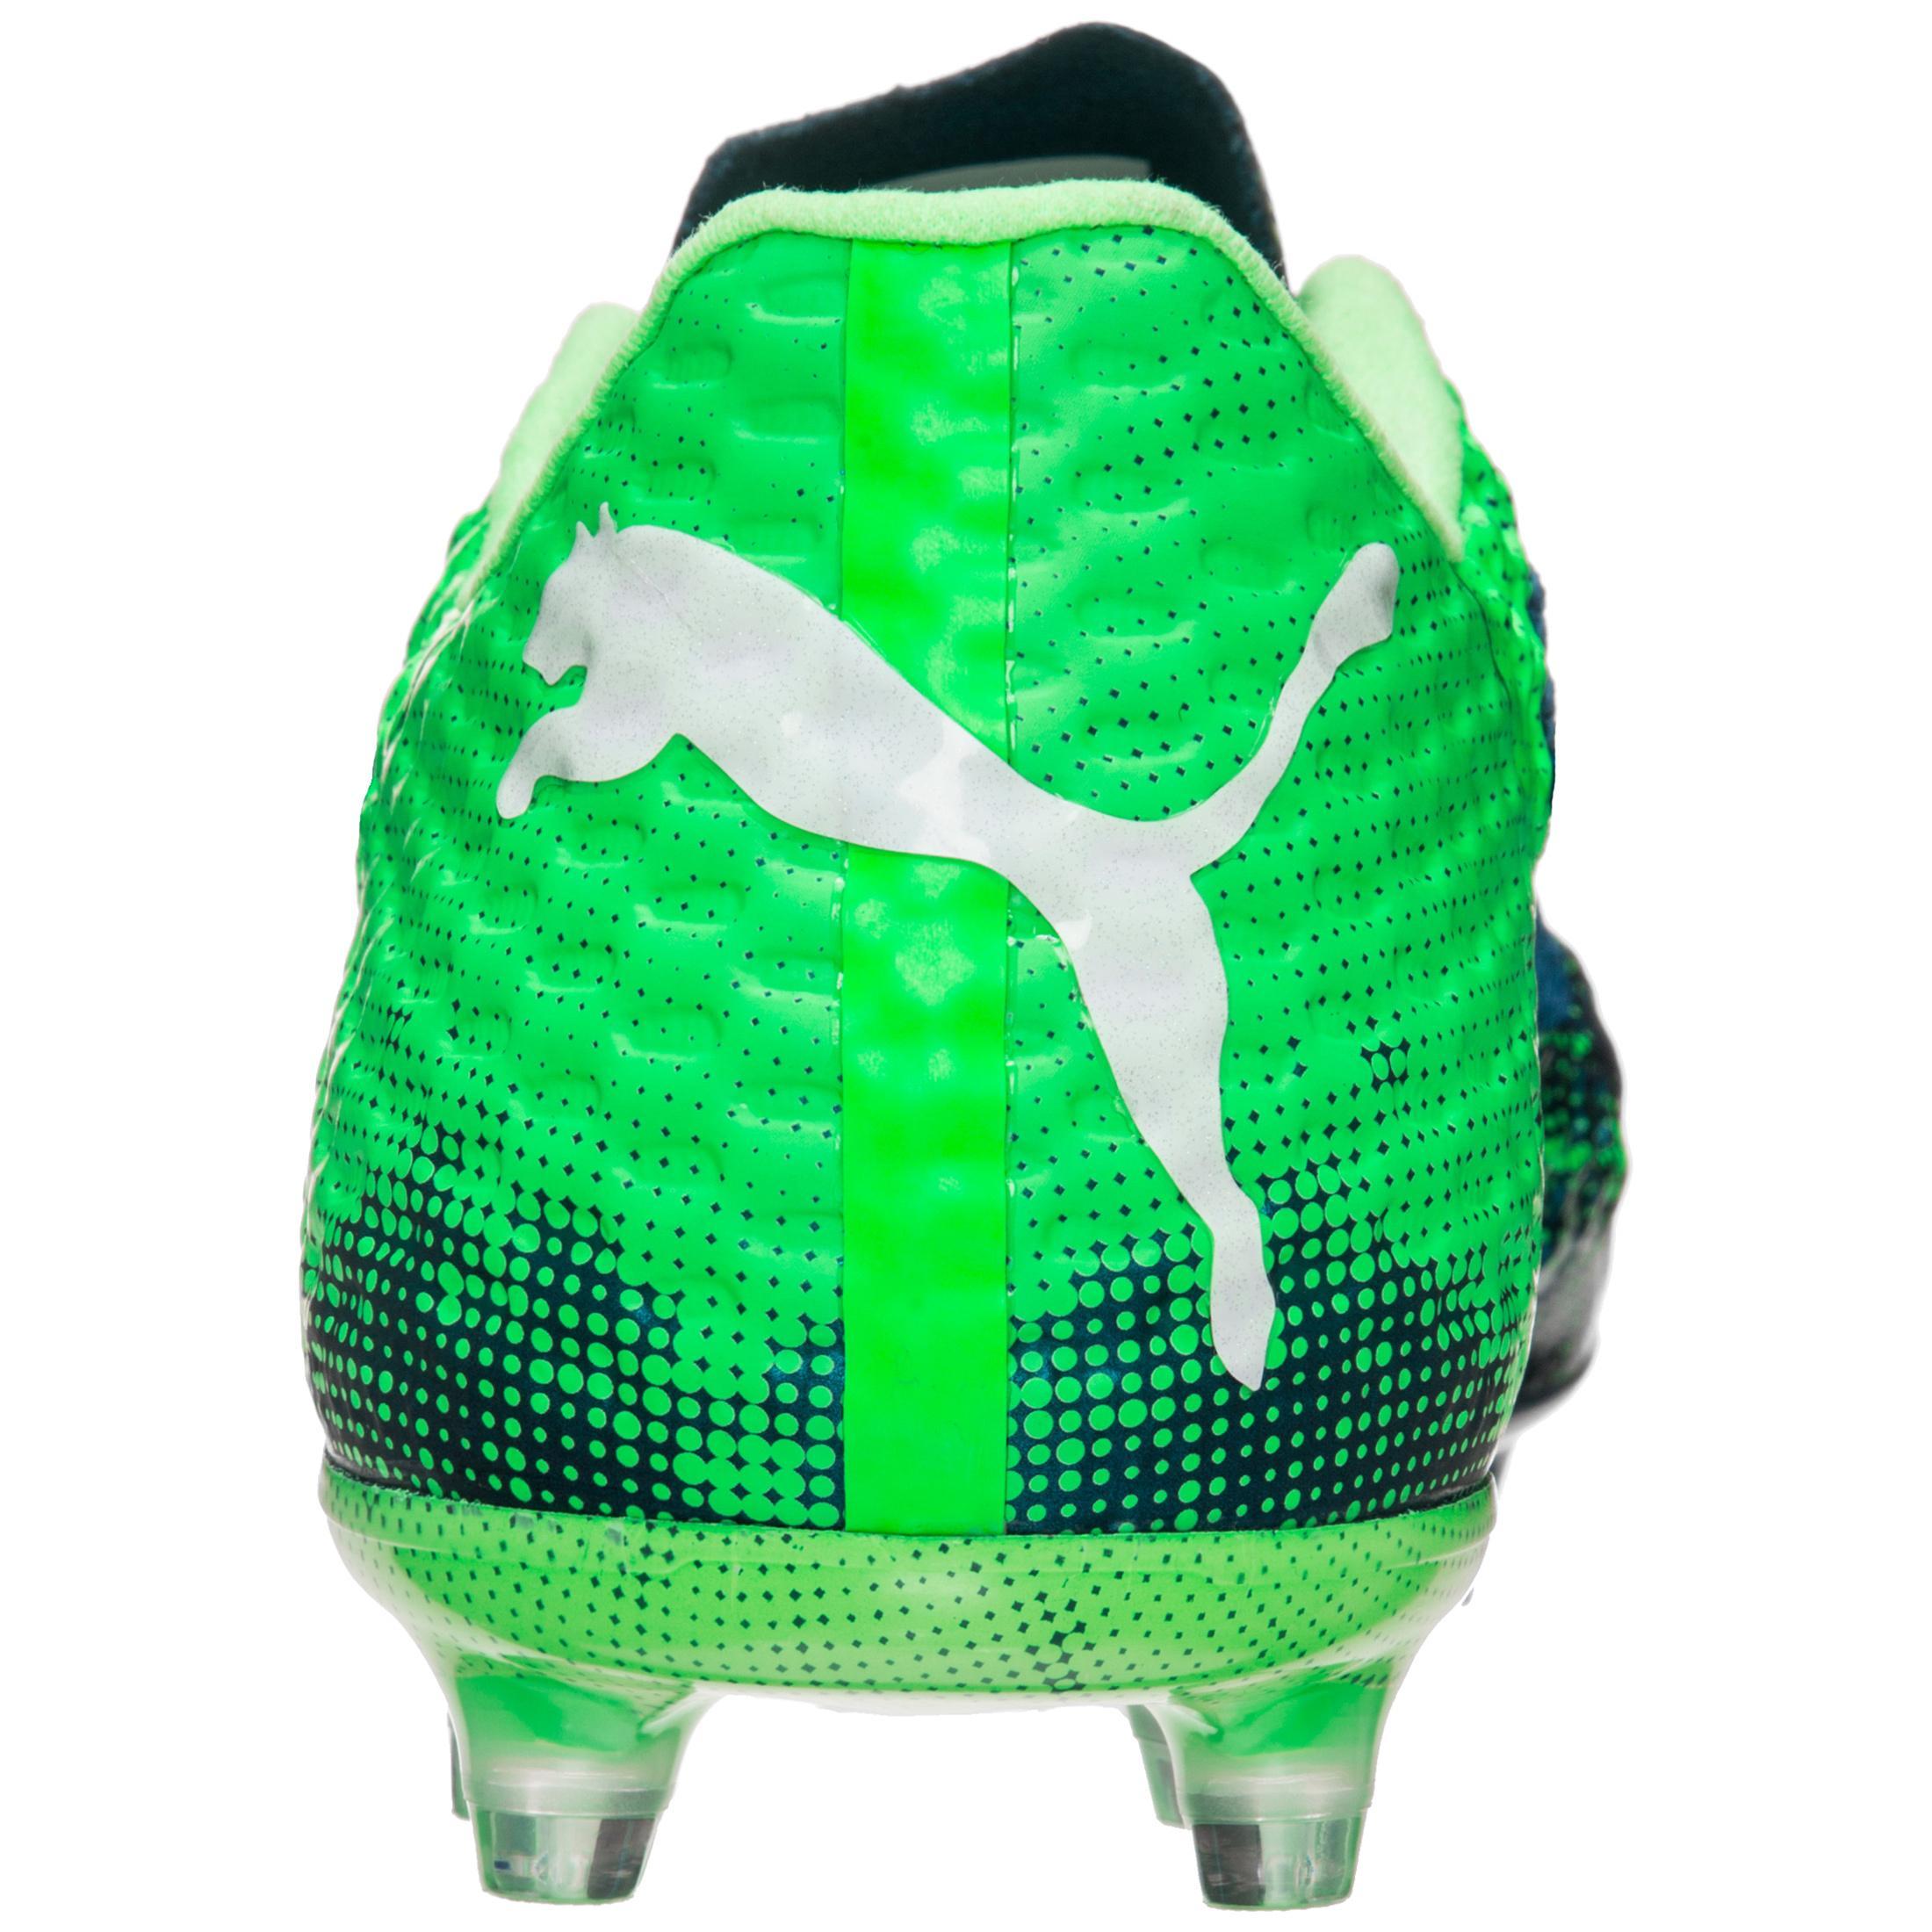 PUMA PUMA PUMA Future 18.1 NETFIT Fußballschuhe Herren dunkelgrün / grün im Online Shop von SportScheck kaufen Gute Qualität beliebte Schuhe dc7830